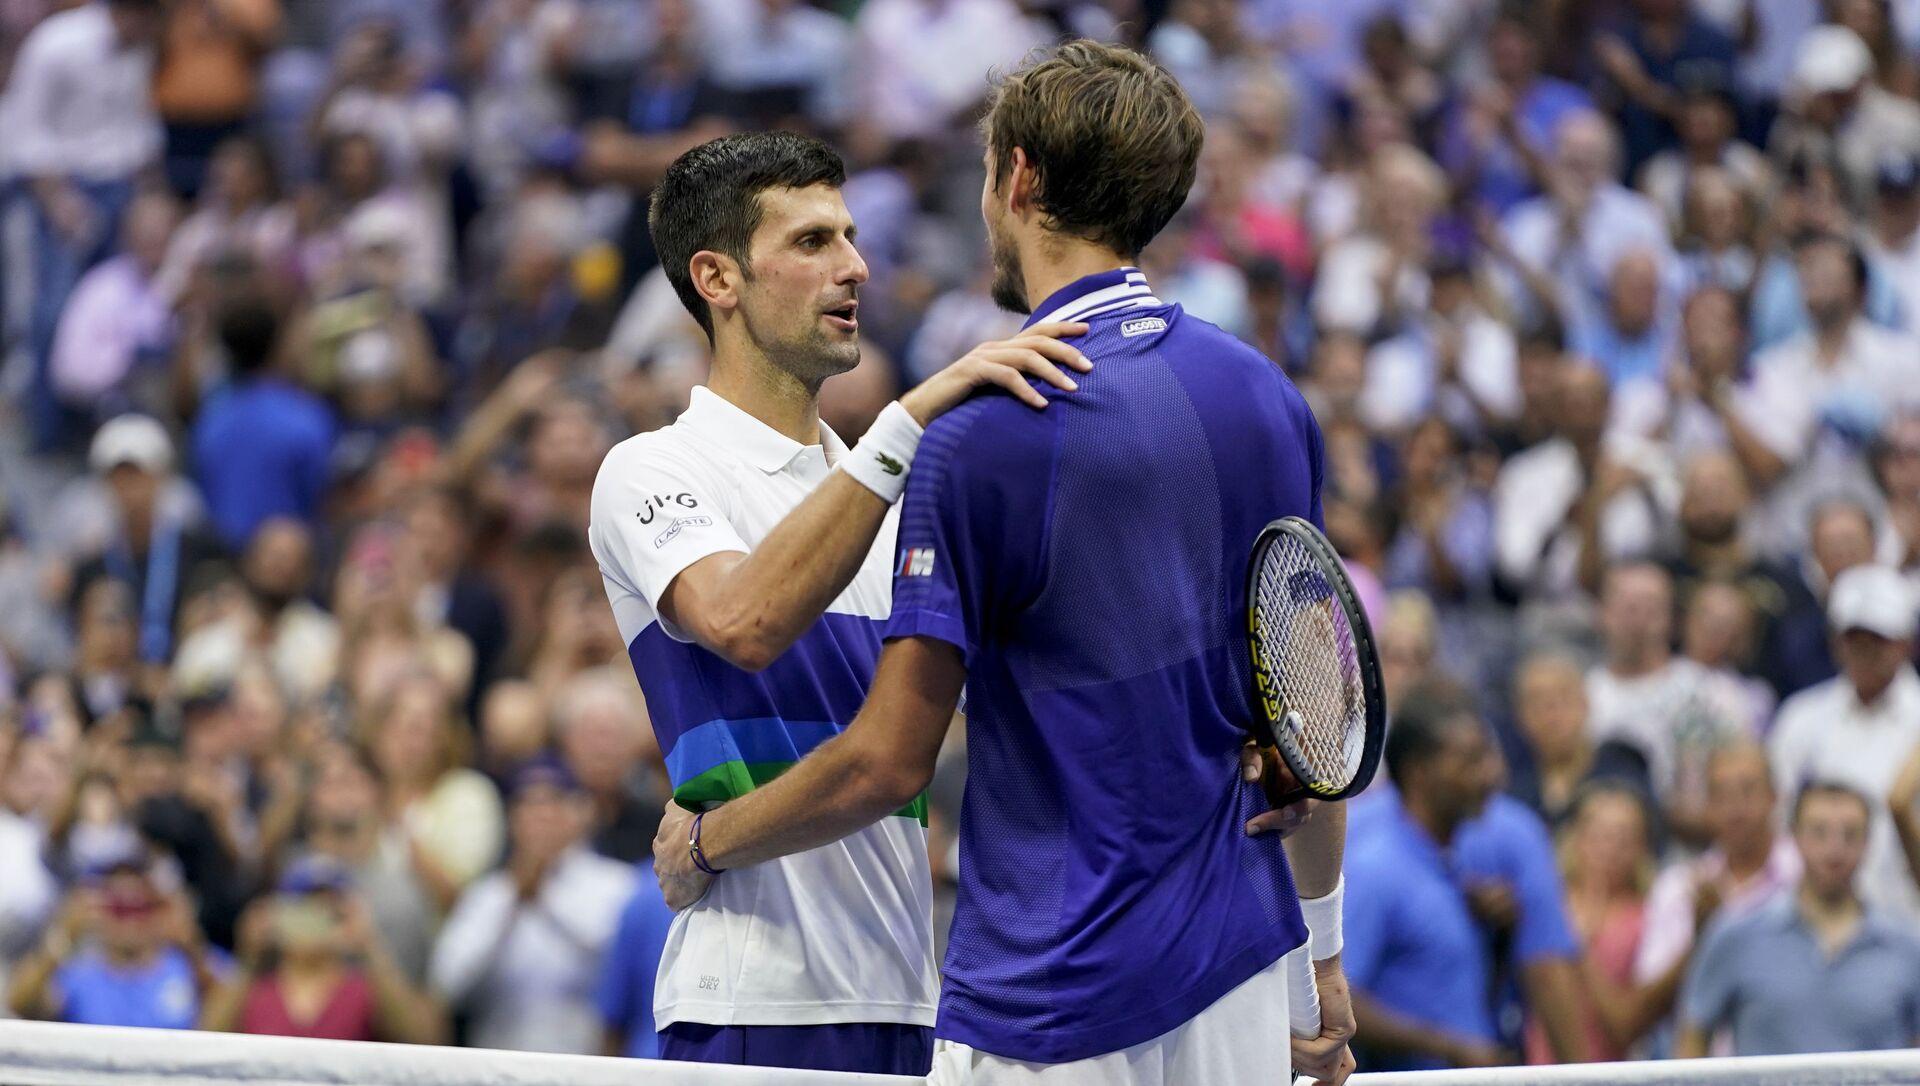 Tay vợt Novak Djokovic chúc mừng vận động viên Daniil Medvedev sau khi thua trận chung kết Giải Mỹ mở rộng (US Open) - Sputnik Việt Nam, 1920, 13.09.2021